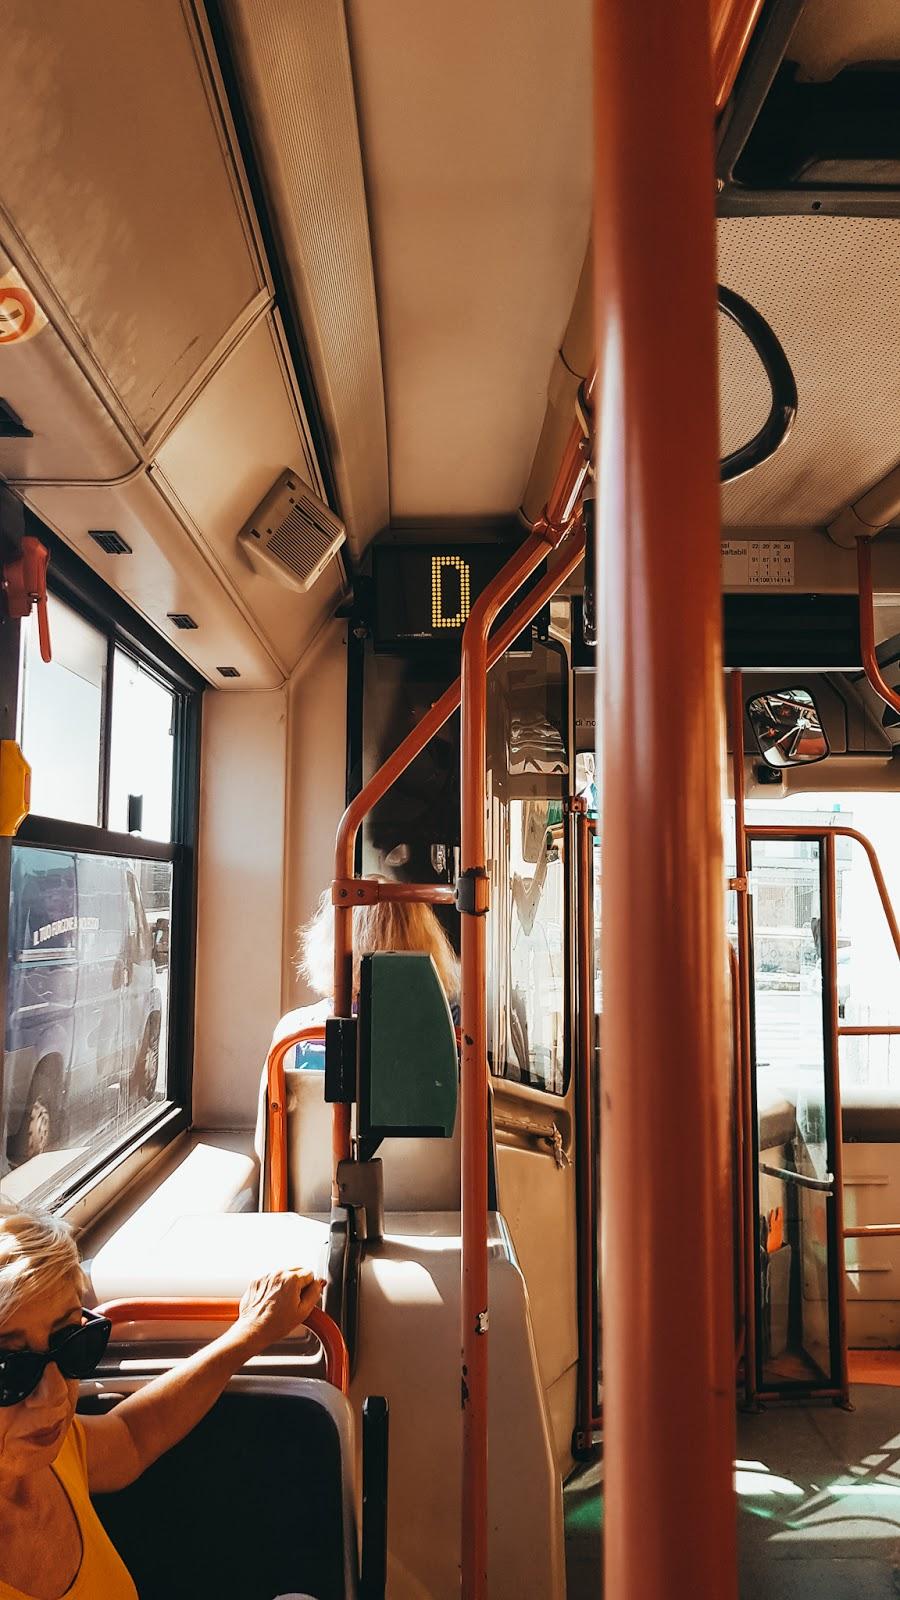 Autobus Linii D Katania